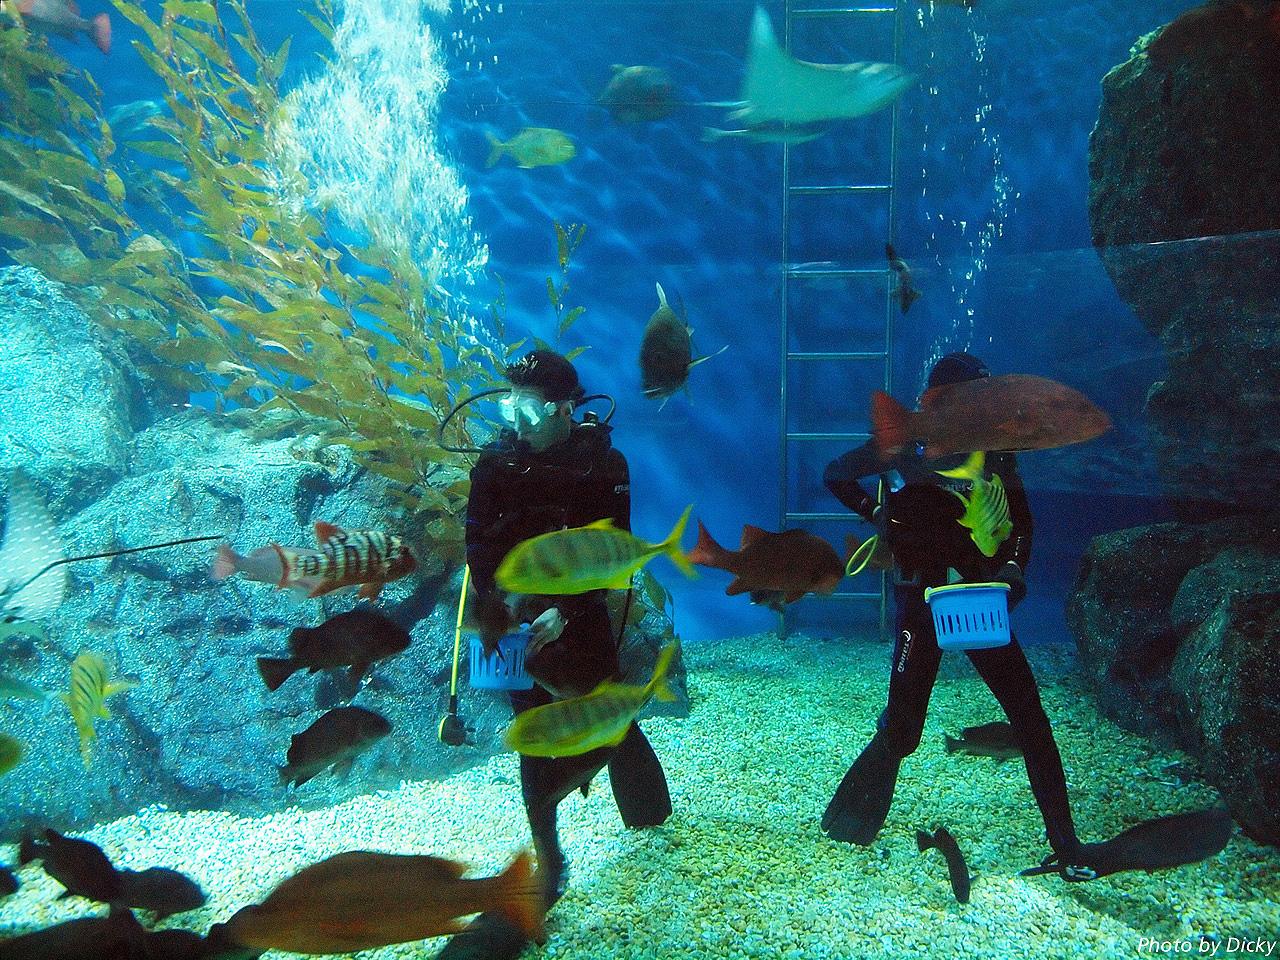 Аквариум Sea Life Bangkok Ocean World, кормление рыб